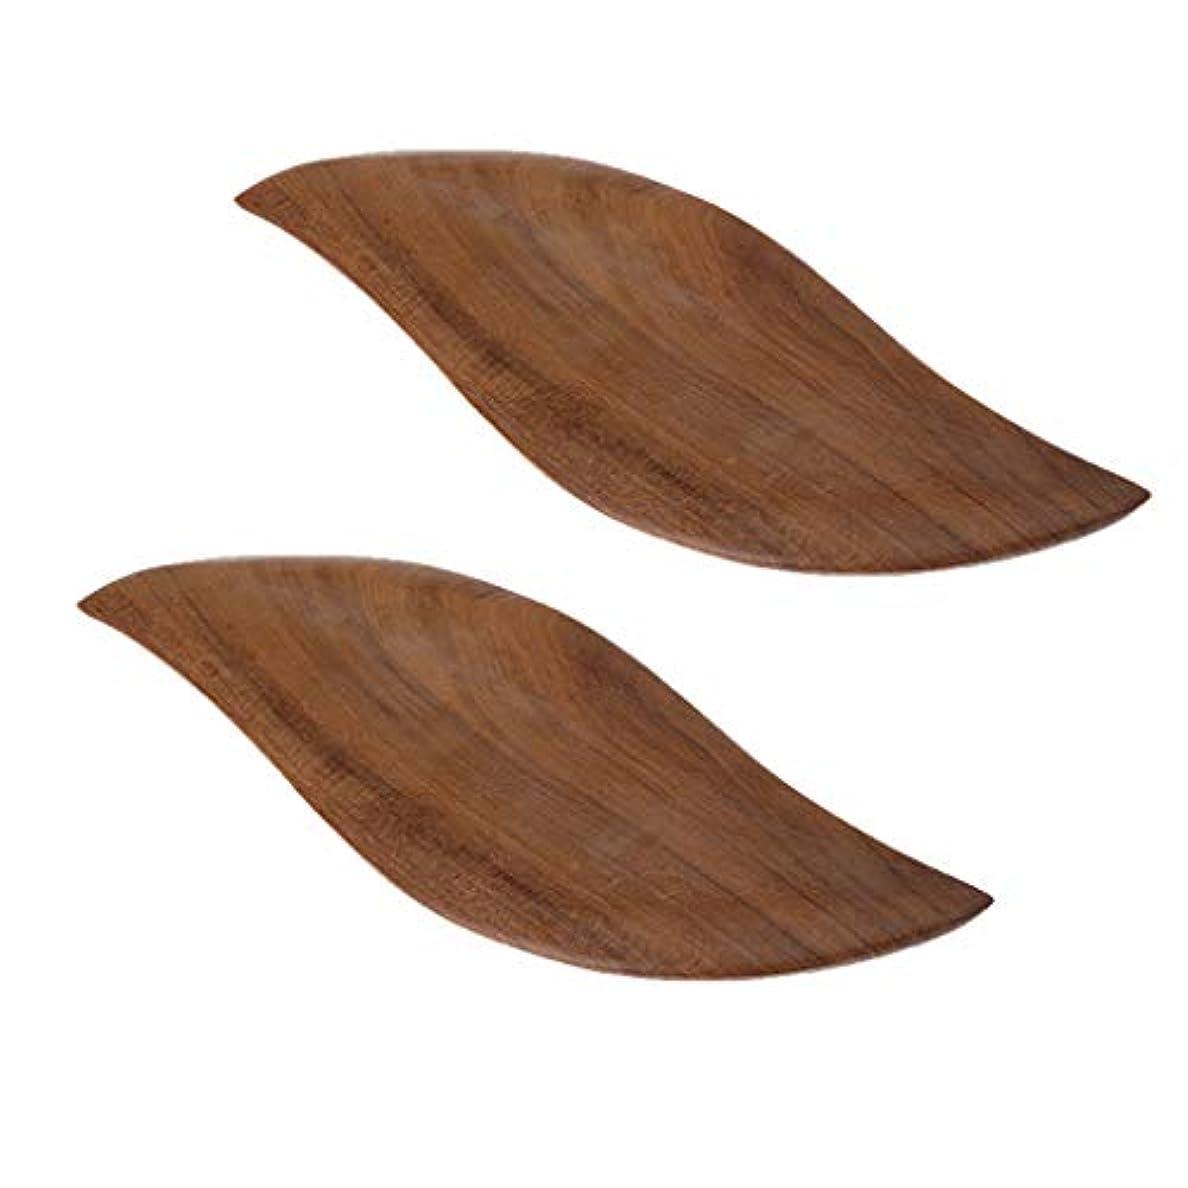 統計クマノミねばねば2枚 かっさプレート フェイスケア ボディーケア リラックス ツボ押し 木製